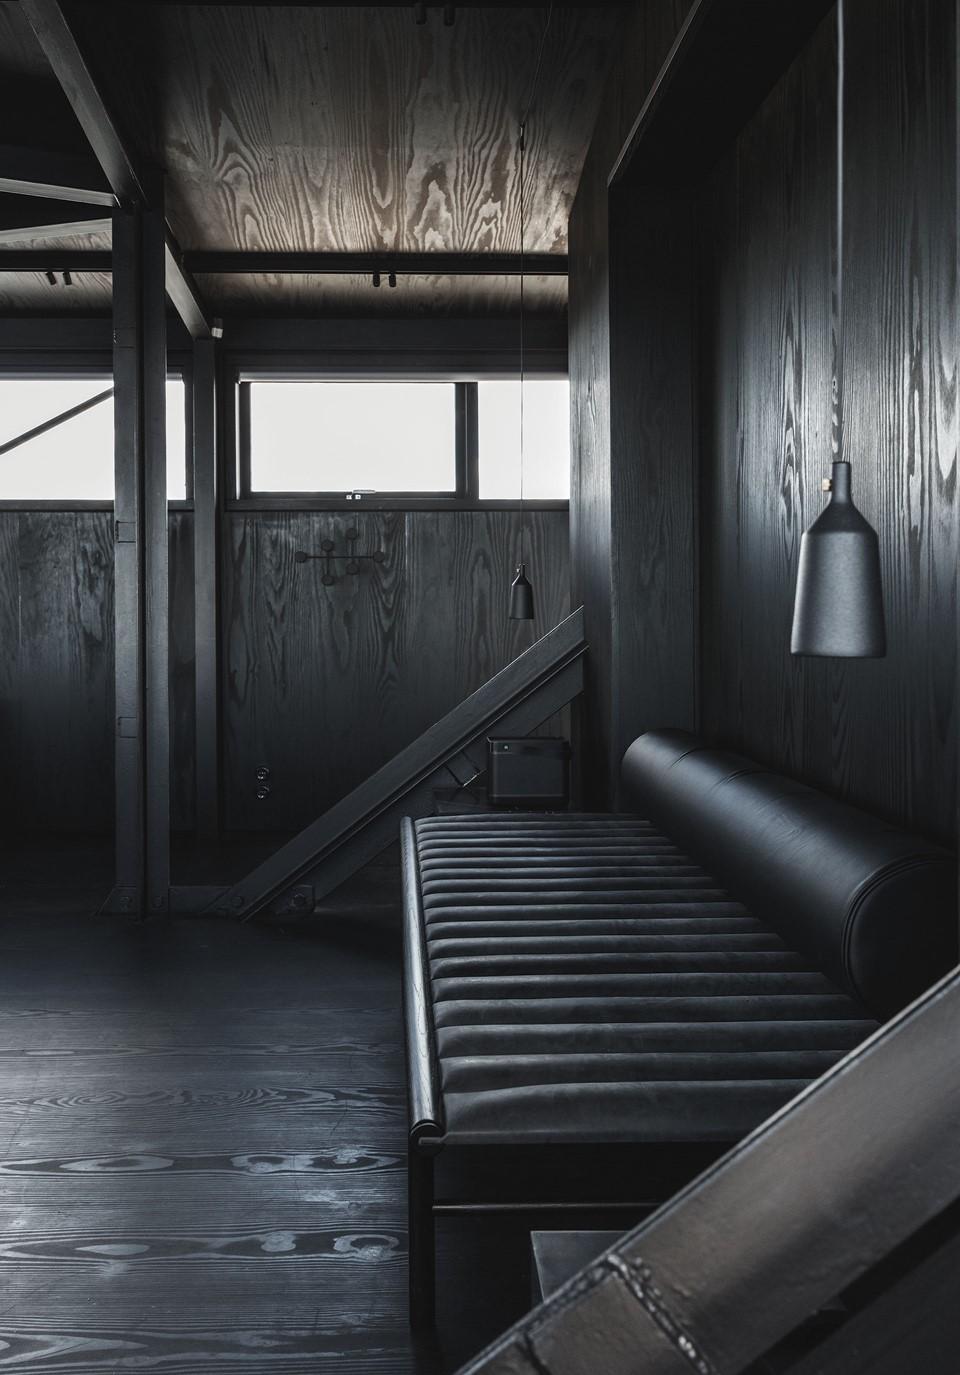 douglas-floor_megablack-oil_the-krane-copenhagen_hotel-room-daybed_dinesen_02.jpg